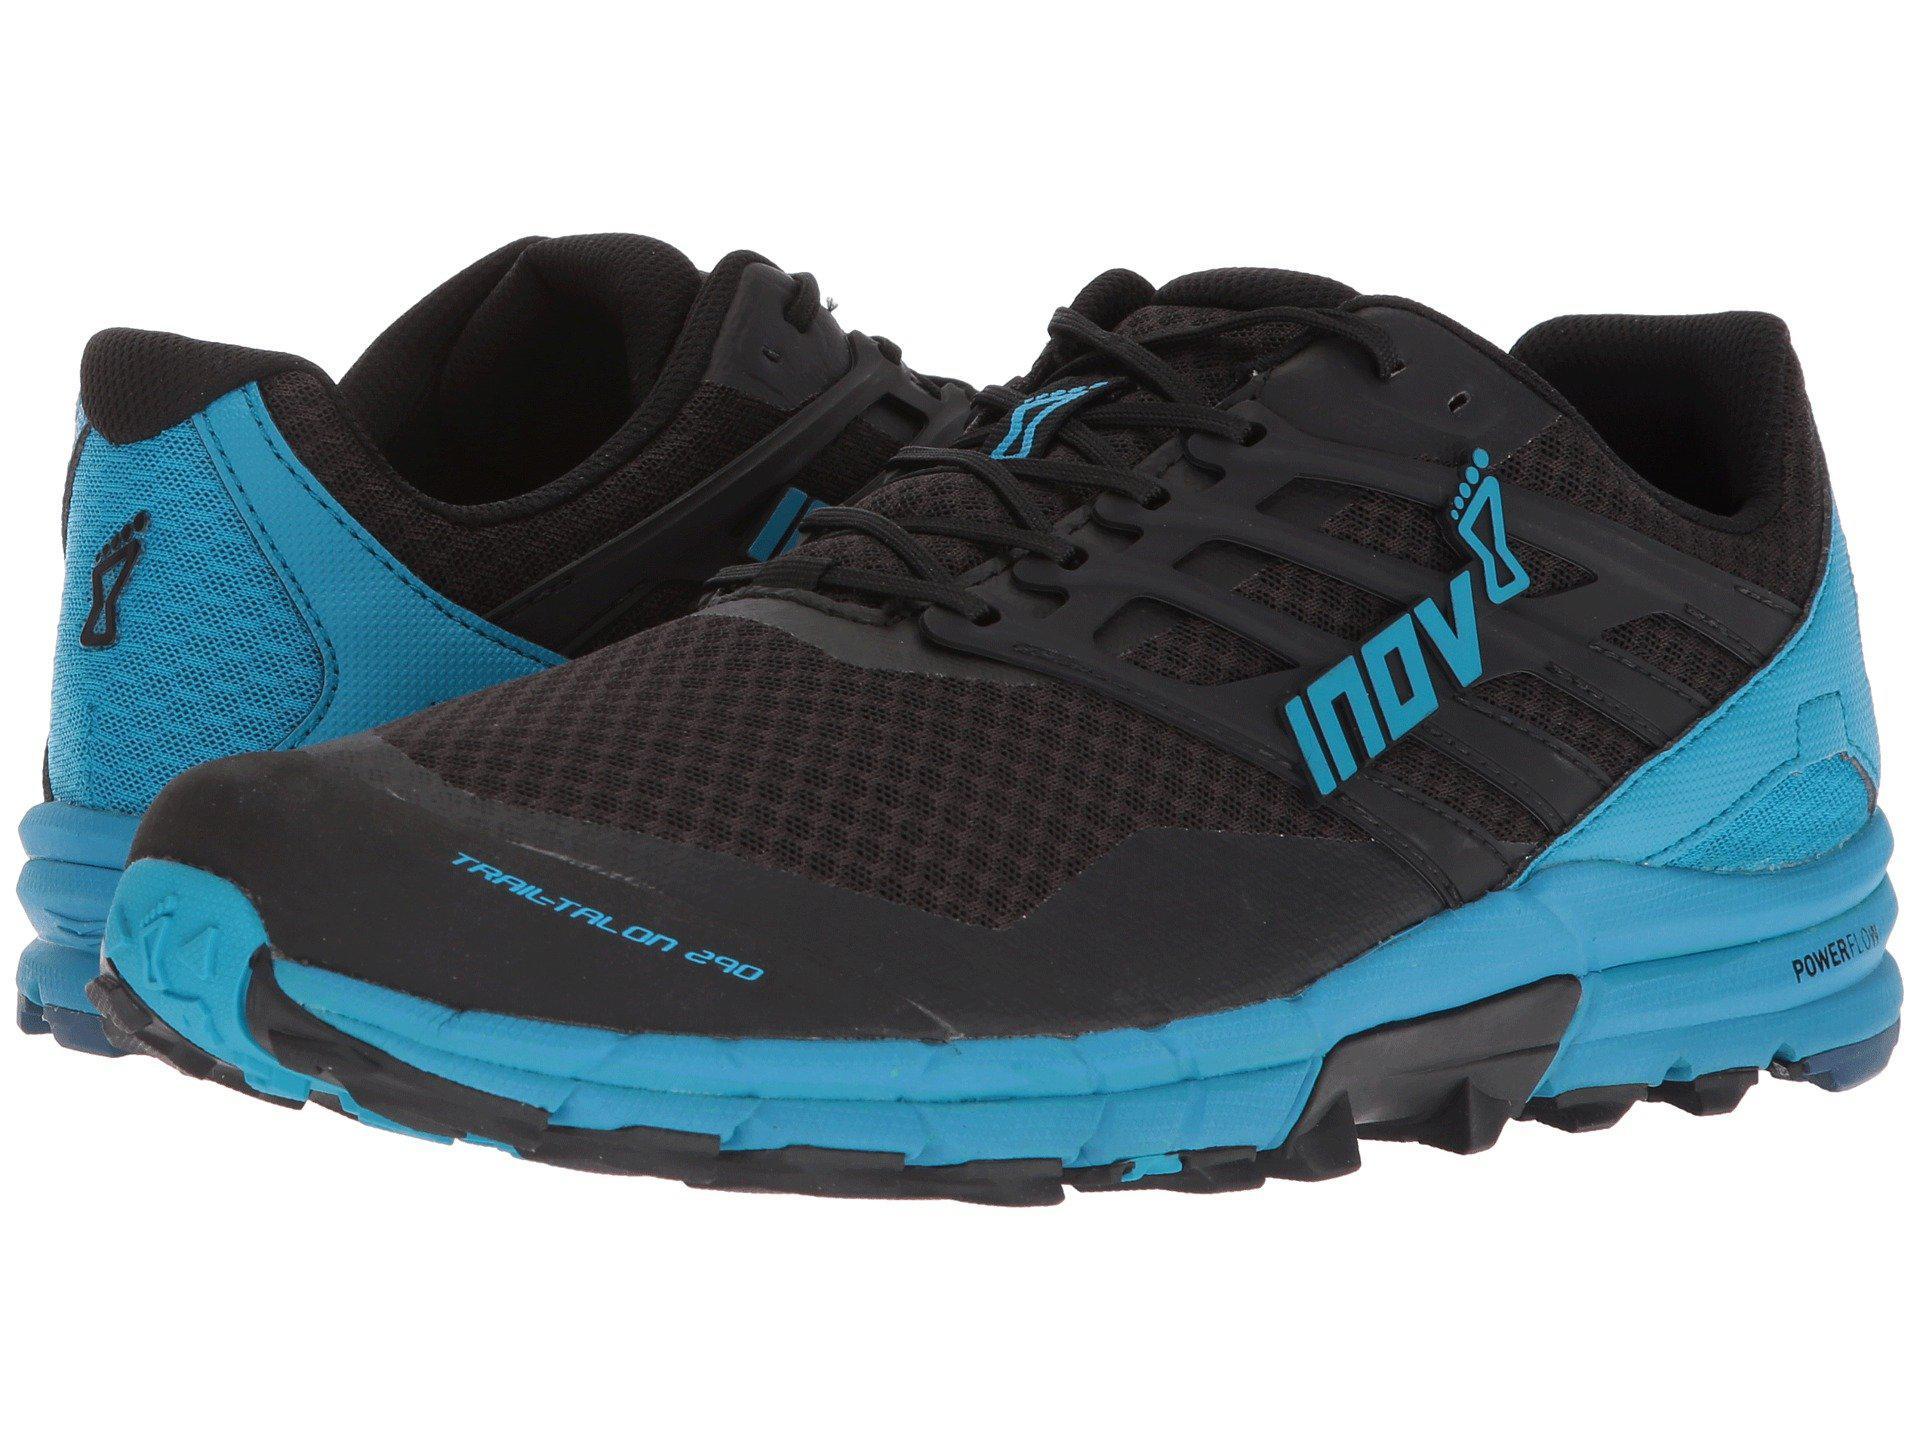 Lyst - Inov-8 Trailtalon 290 (black blue) Men s Shoes in Blue for Men 888d9d7c78b